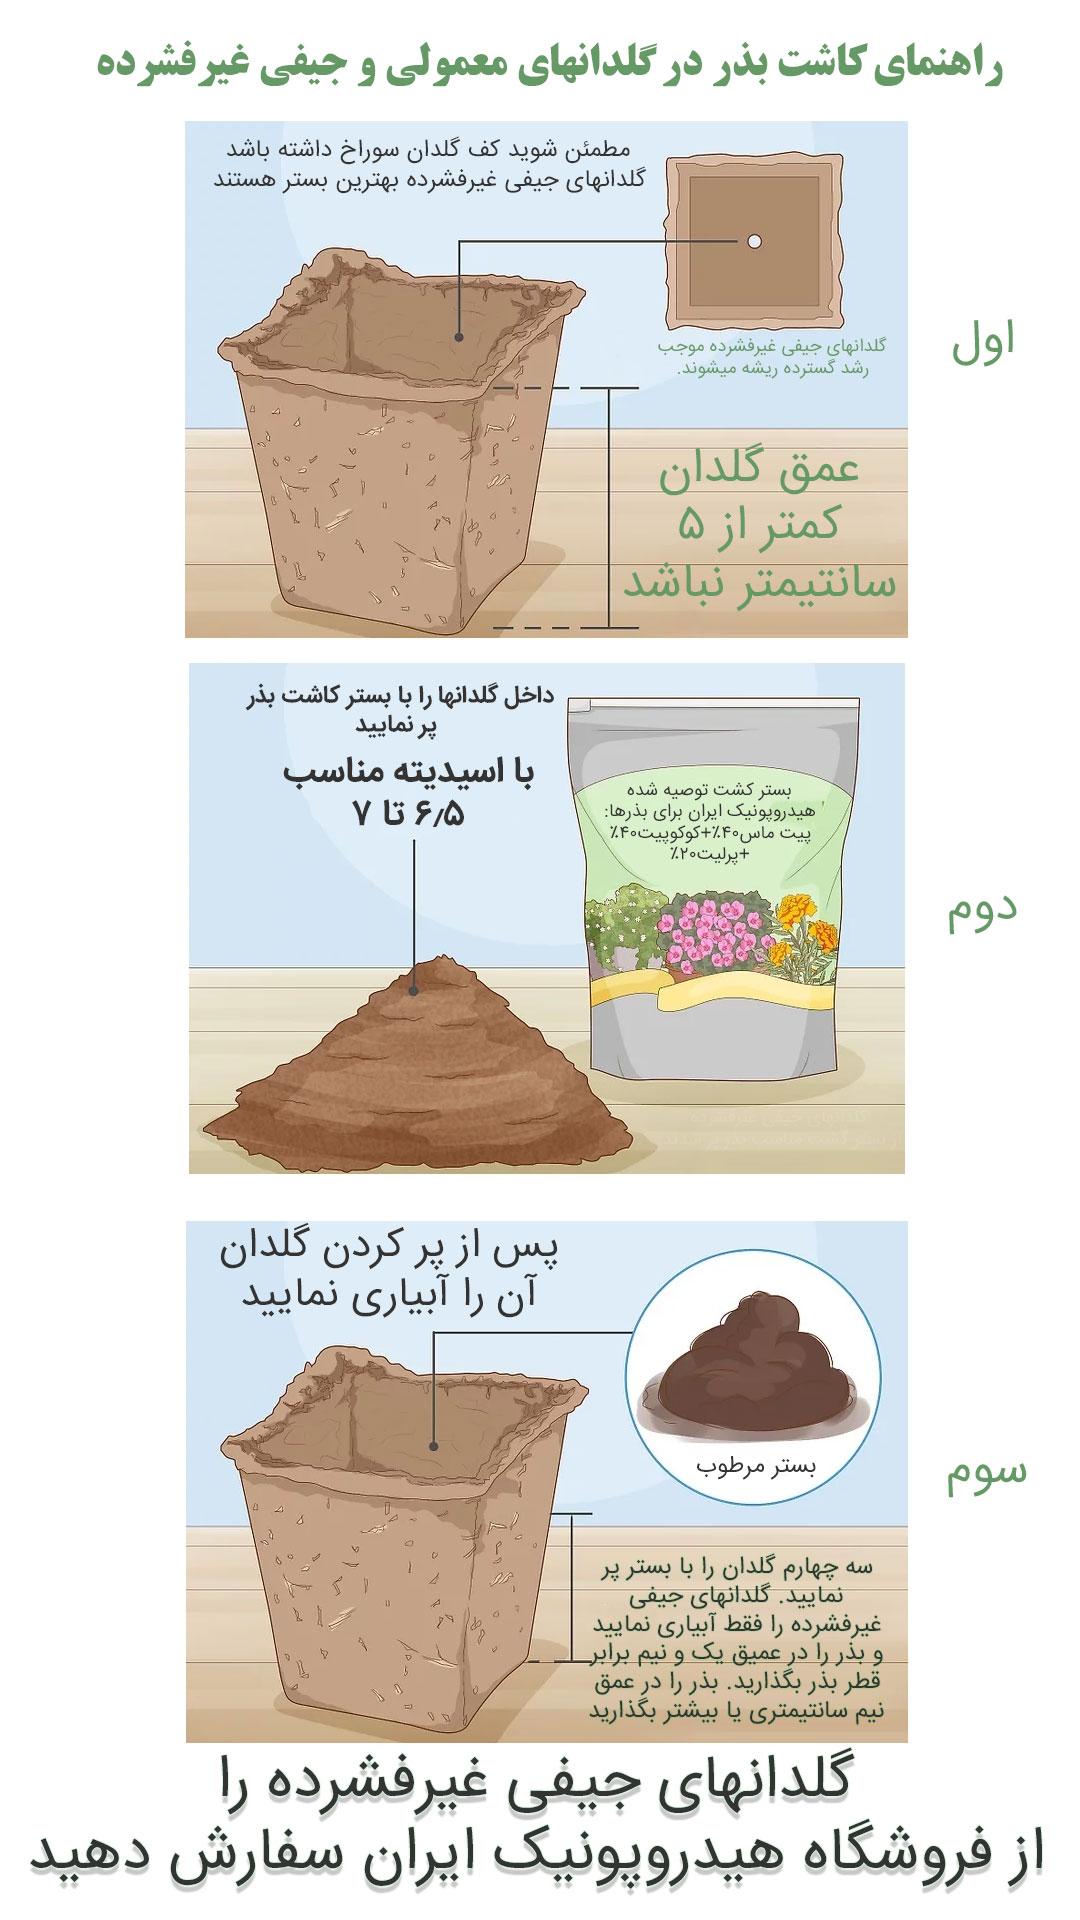 راهنمای-آموزش-کاشت-انواع-بذر-در-گلدان-یا-جیفی-غیرفشرده-هیدروپونیک-ایران